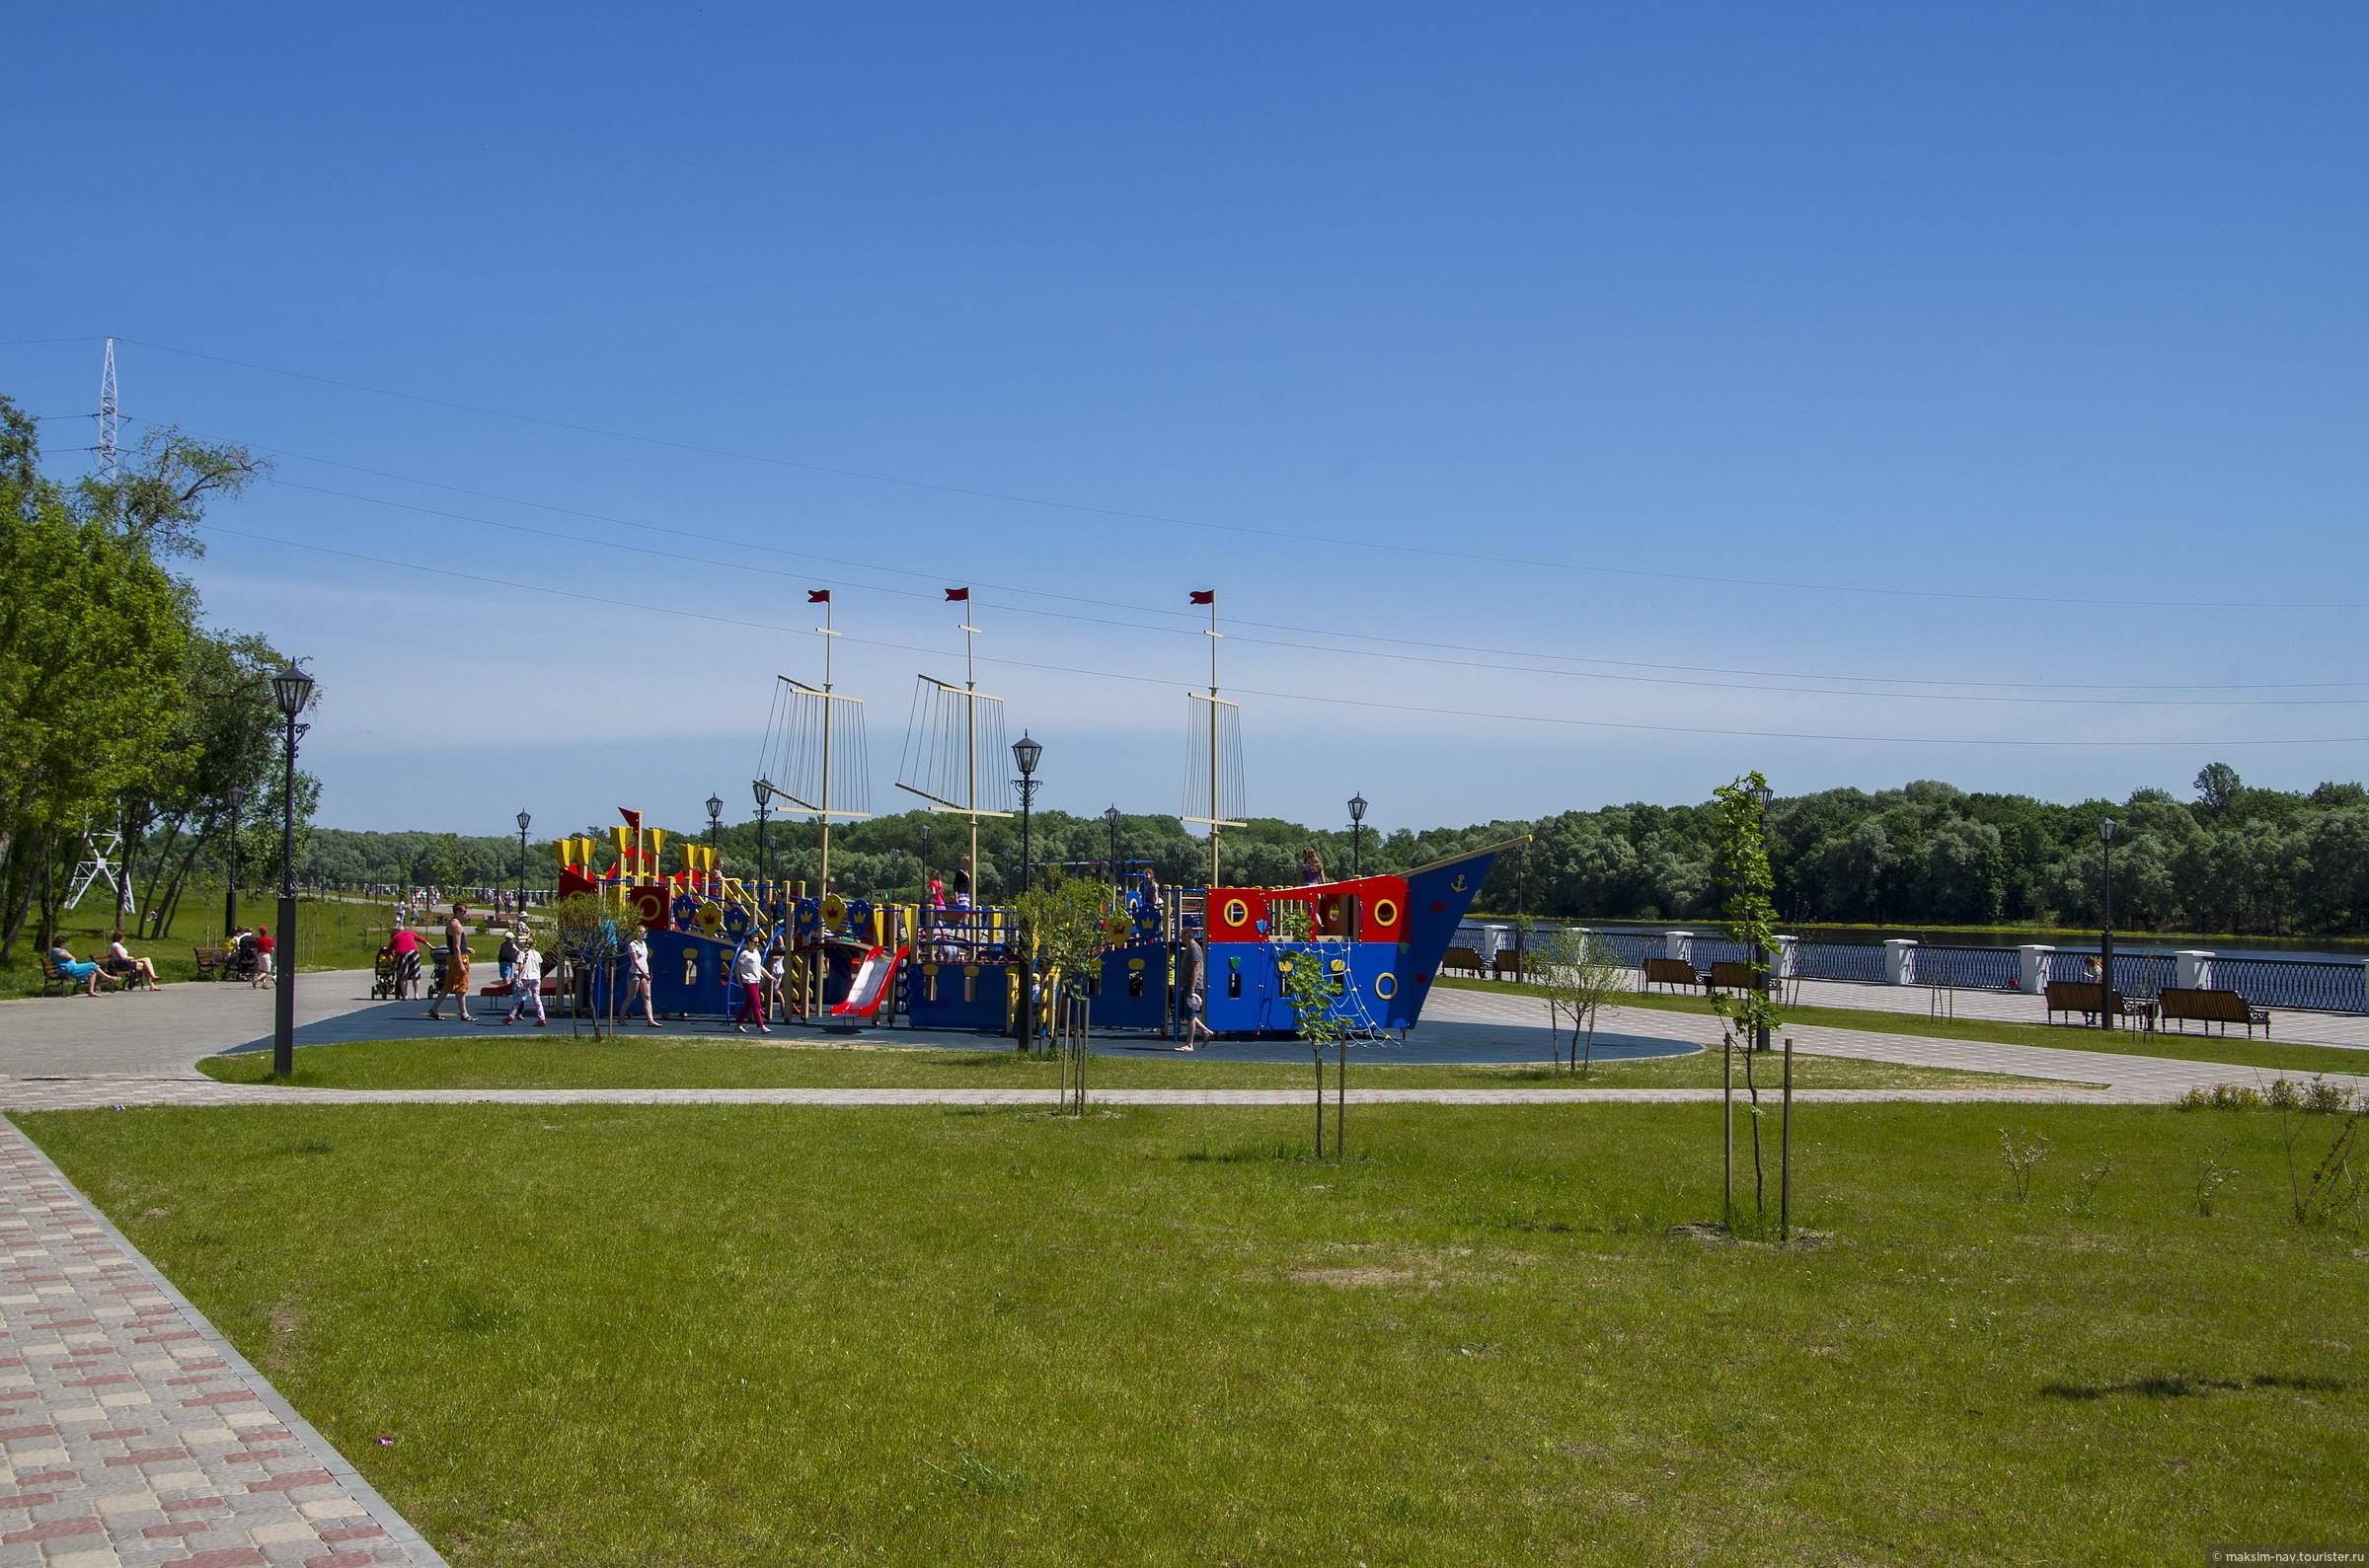 Погода в этот день удалась на славу и наше настроение было соответствующим., Гомельский дворцово-парковый ансамбль.